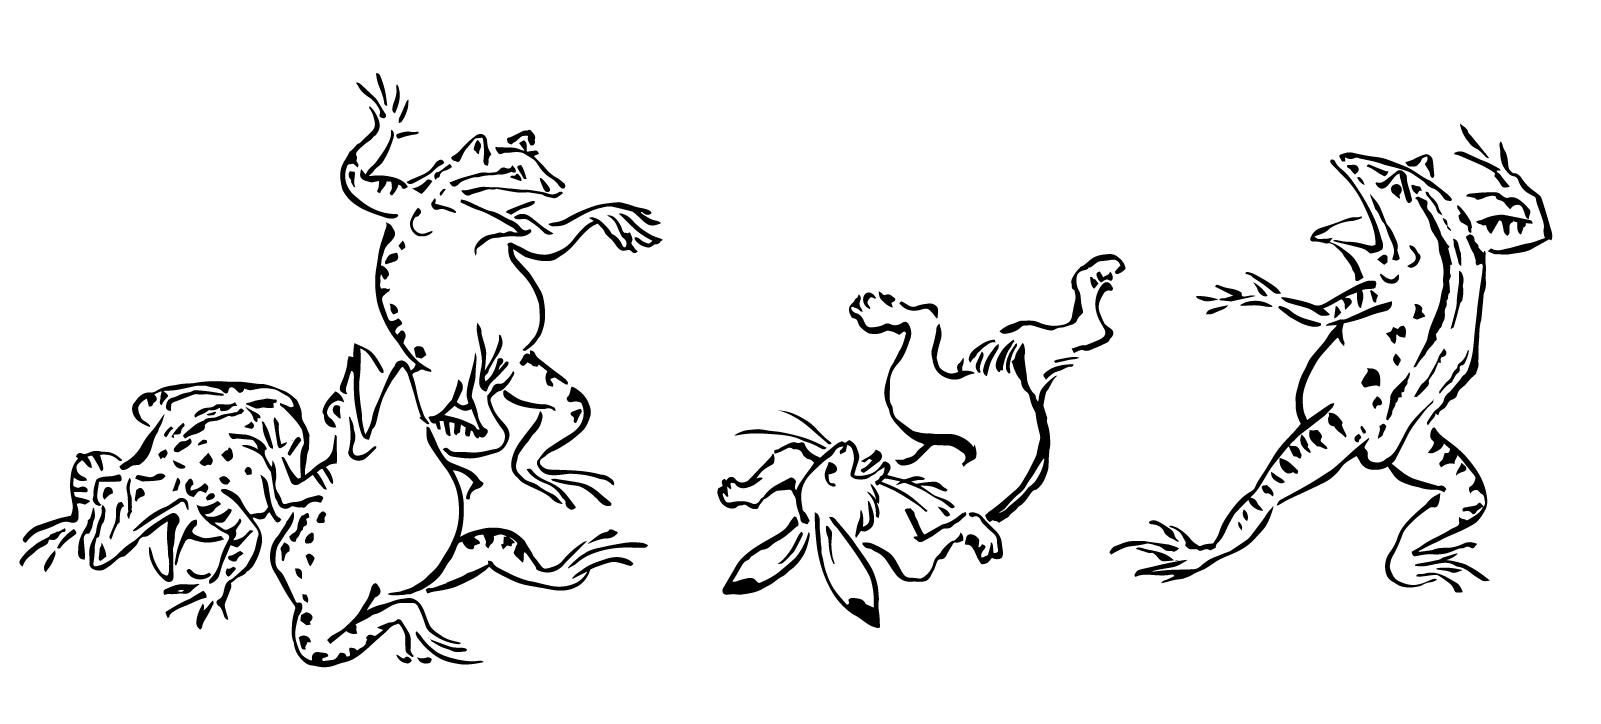 「有田川町鳥獣戯画×手塚治虫スタンプラリー開催中 個別指導Wam吉備校」